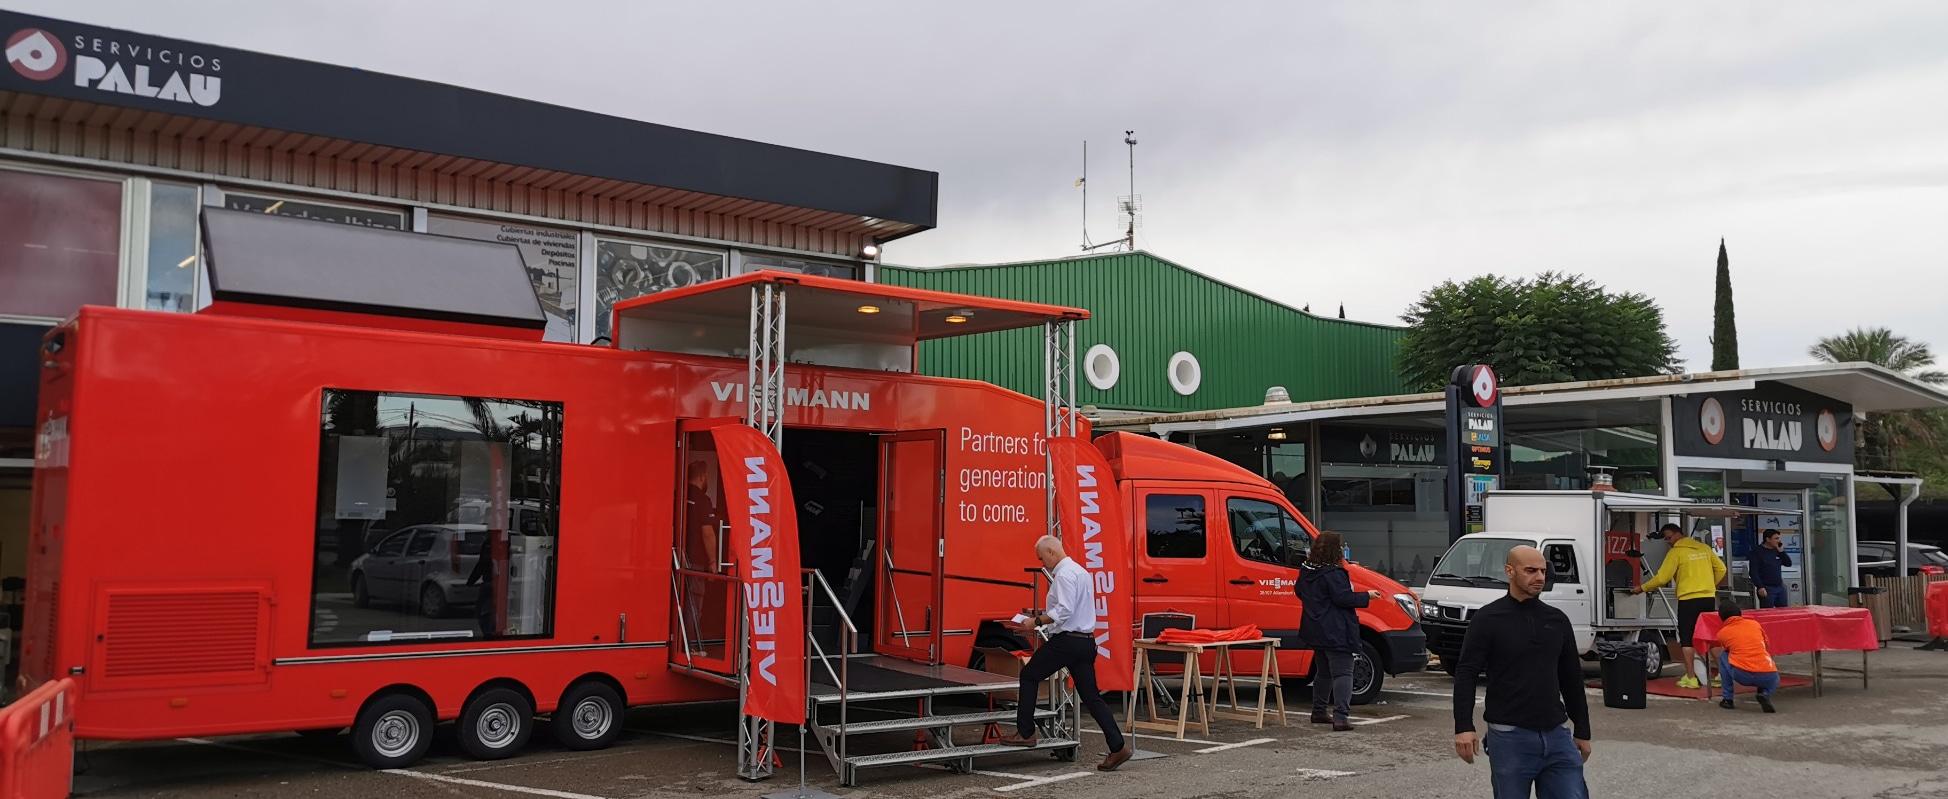 Viessmann - Presentación y Food Truck 4